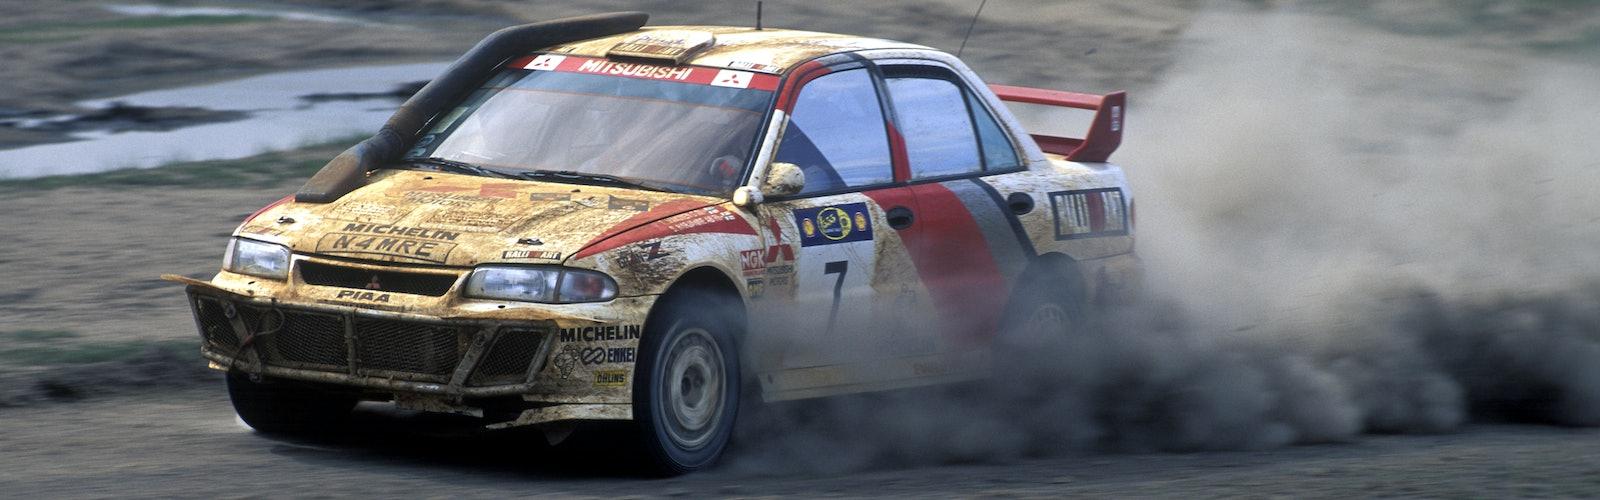 Tommi Makinen Mitsubishi WRC Safari Rally 1996